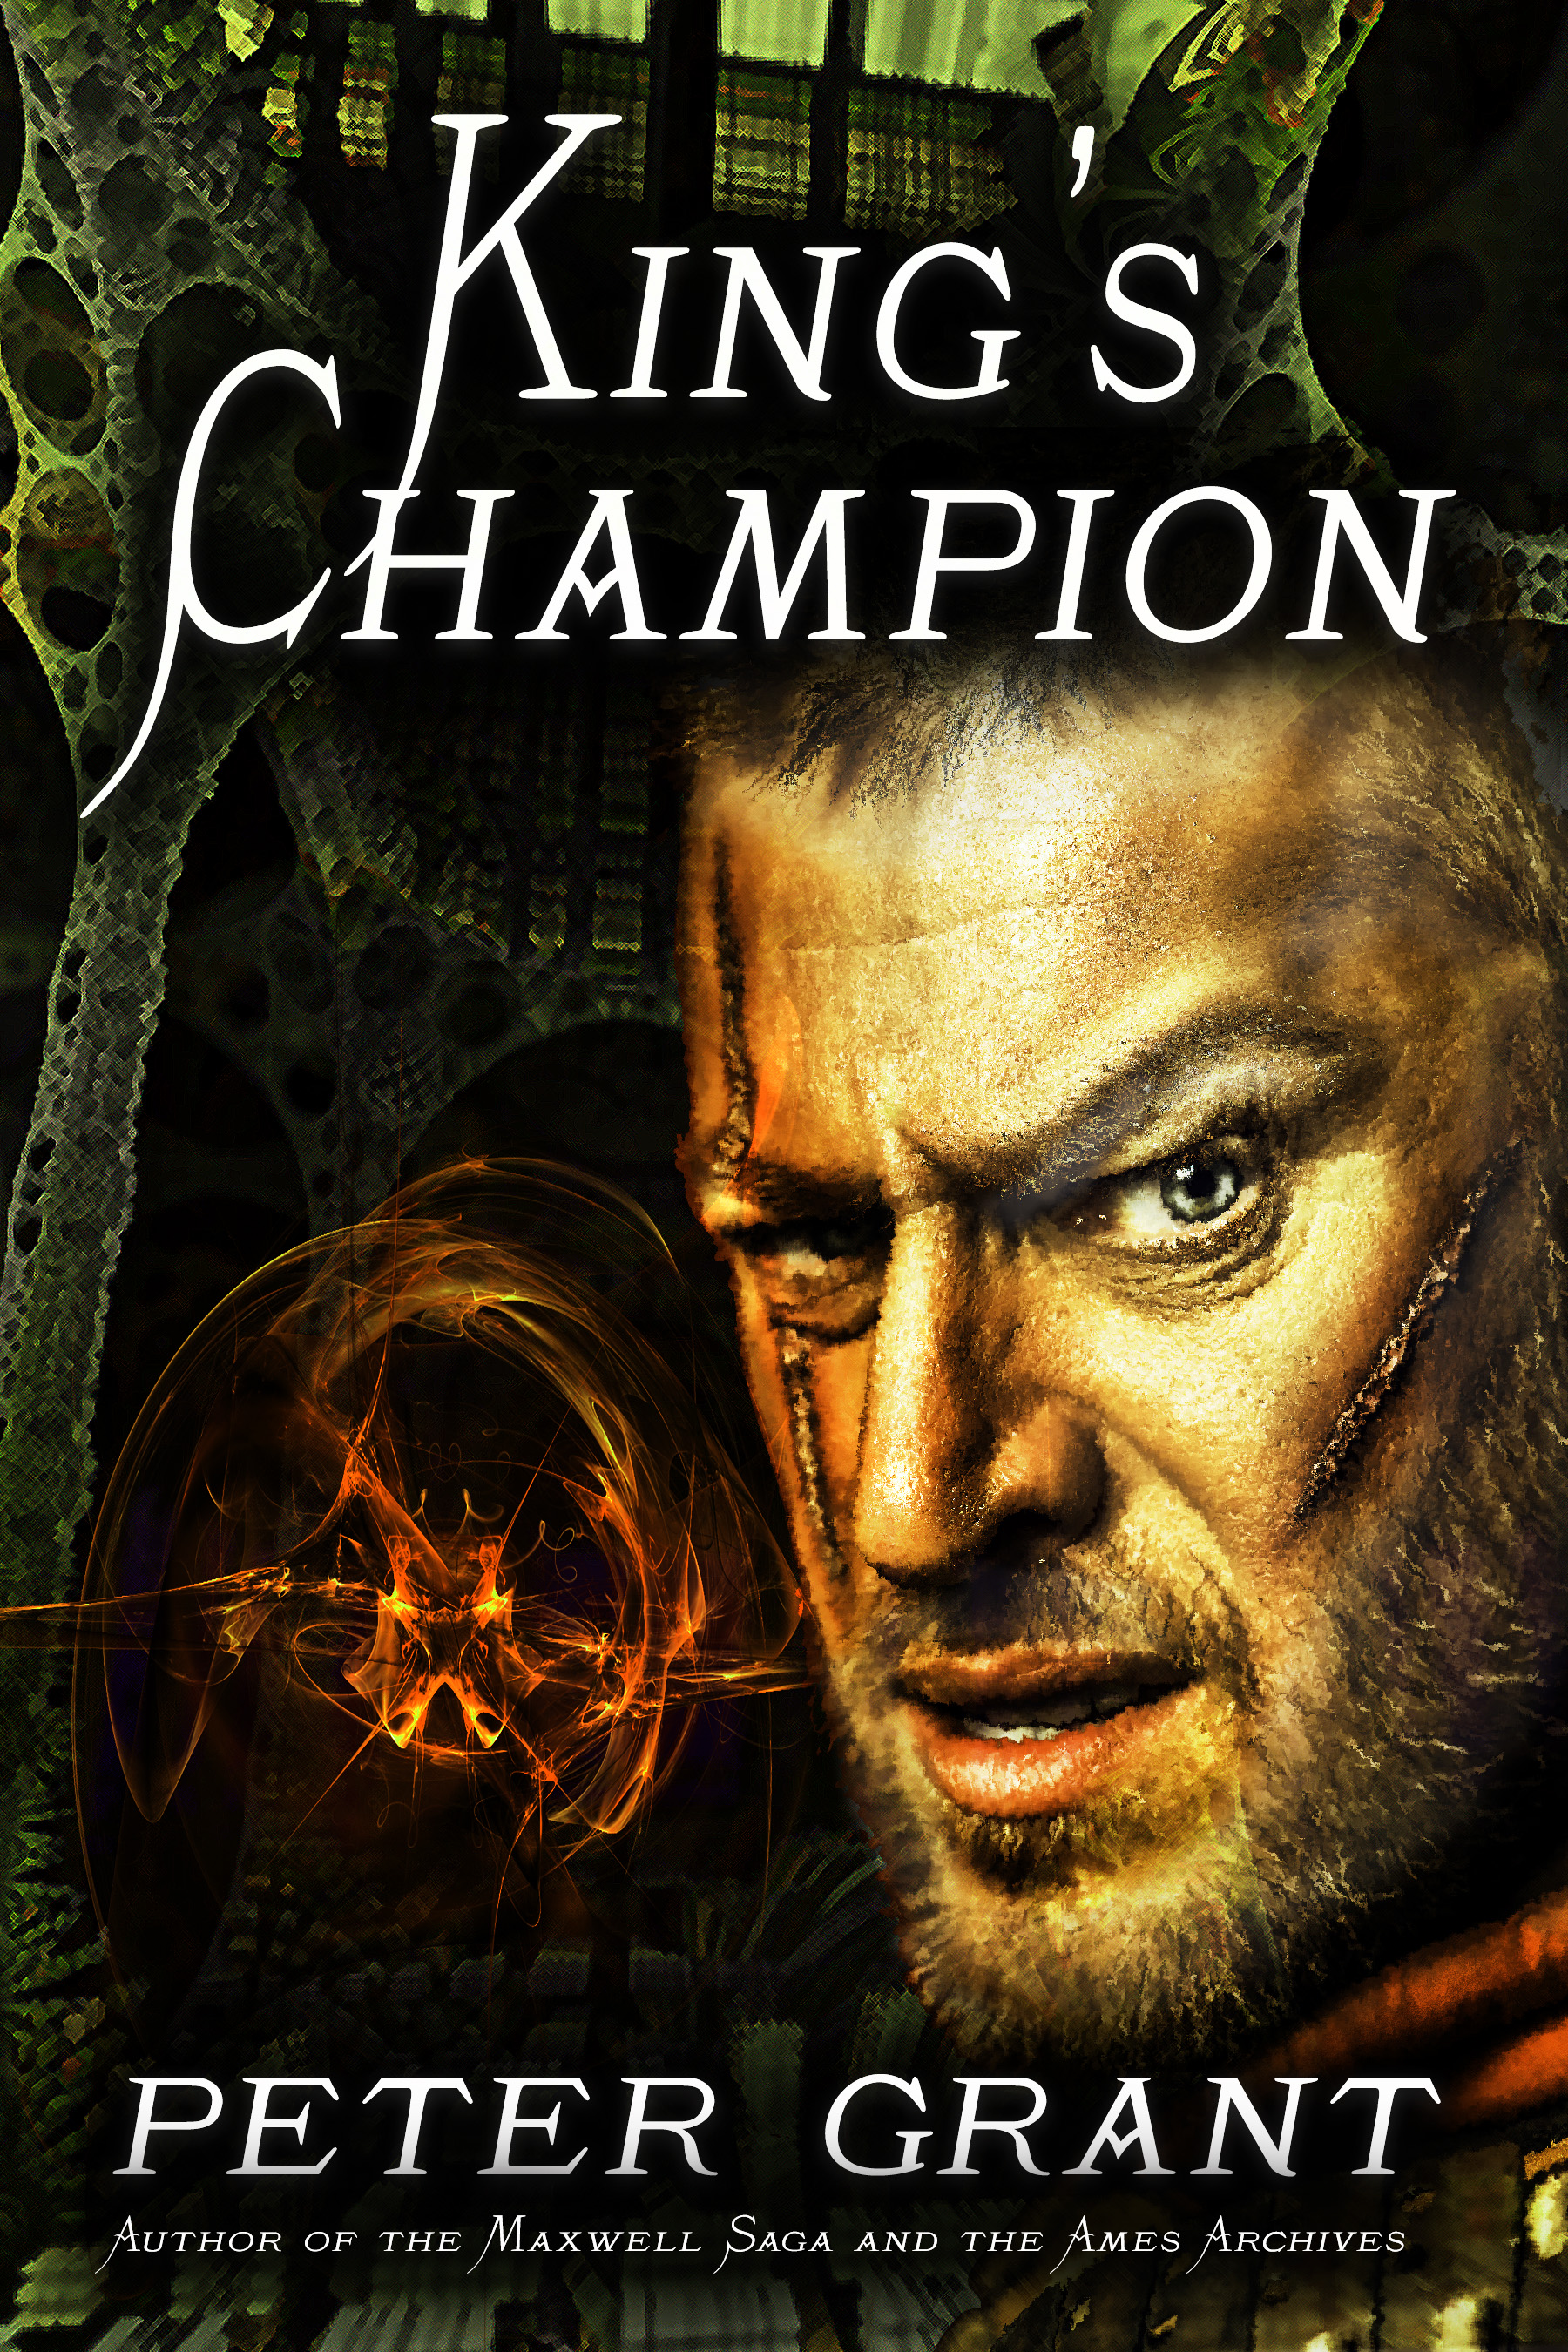 Kings champion final